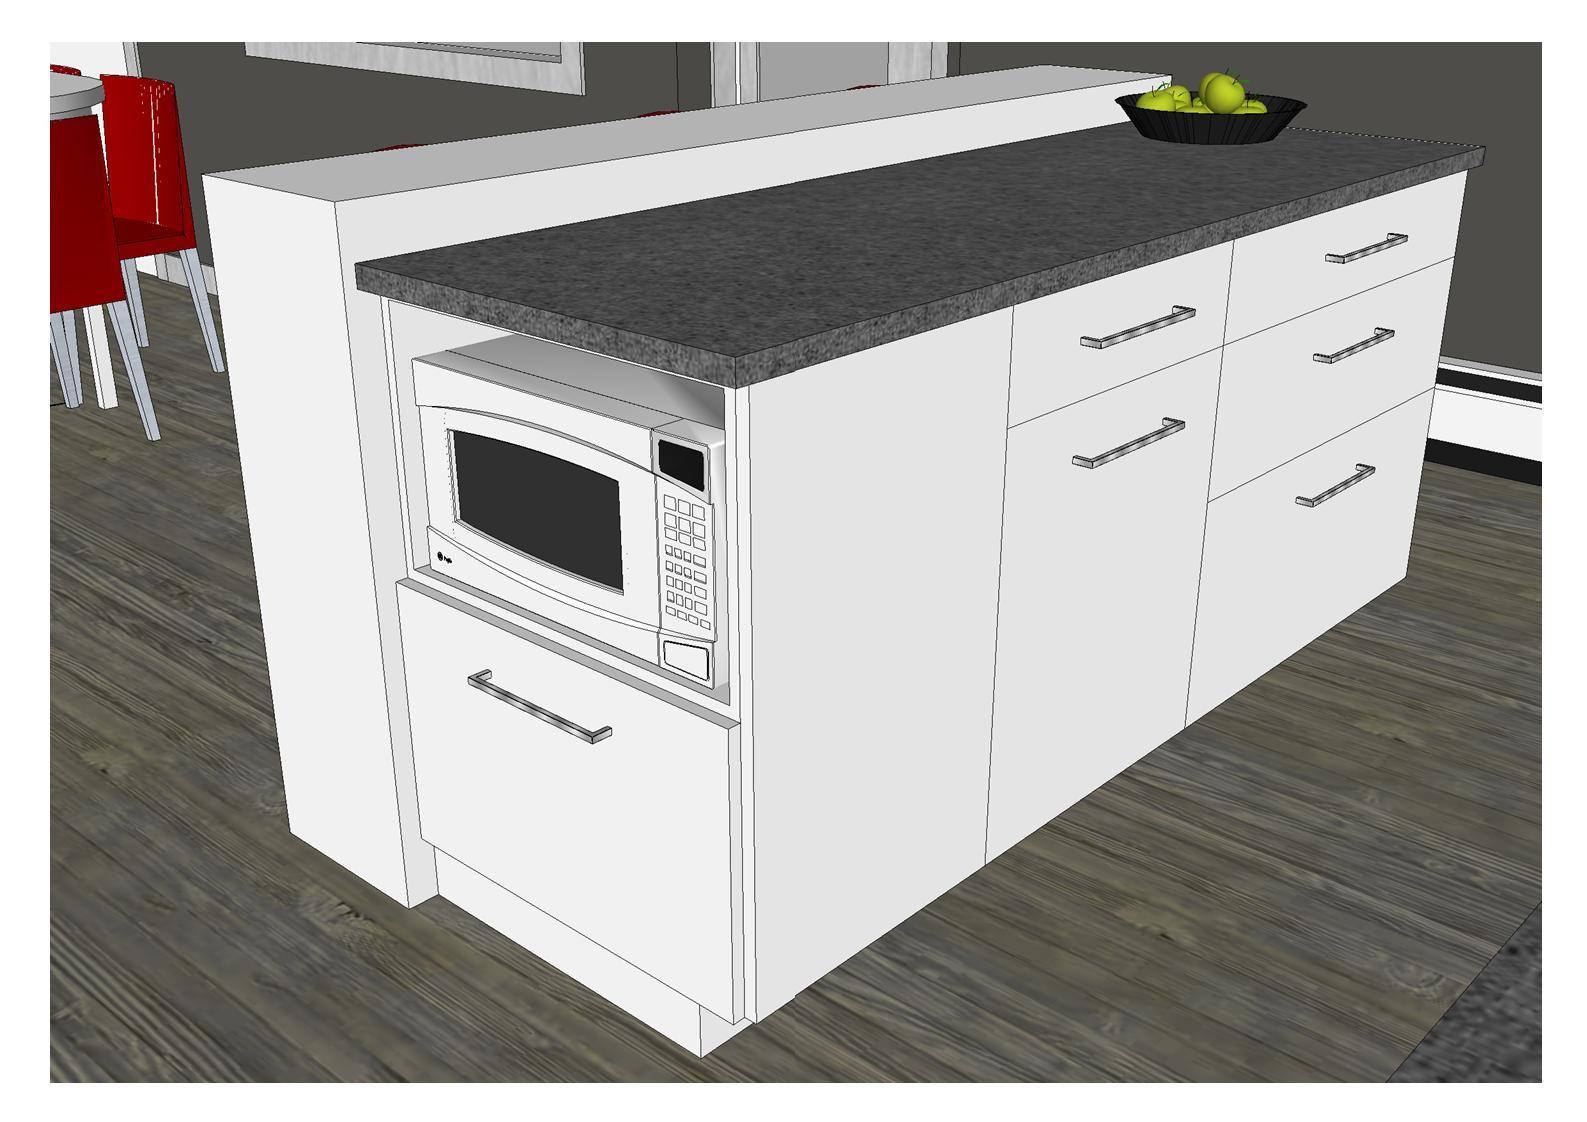 0112 am nagement cuisine style contemporain armoires. Black Bedroom Furniture Sets. Home Design Ideas